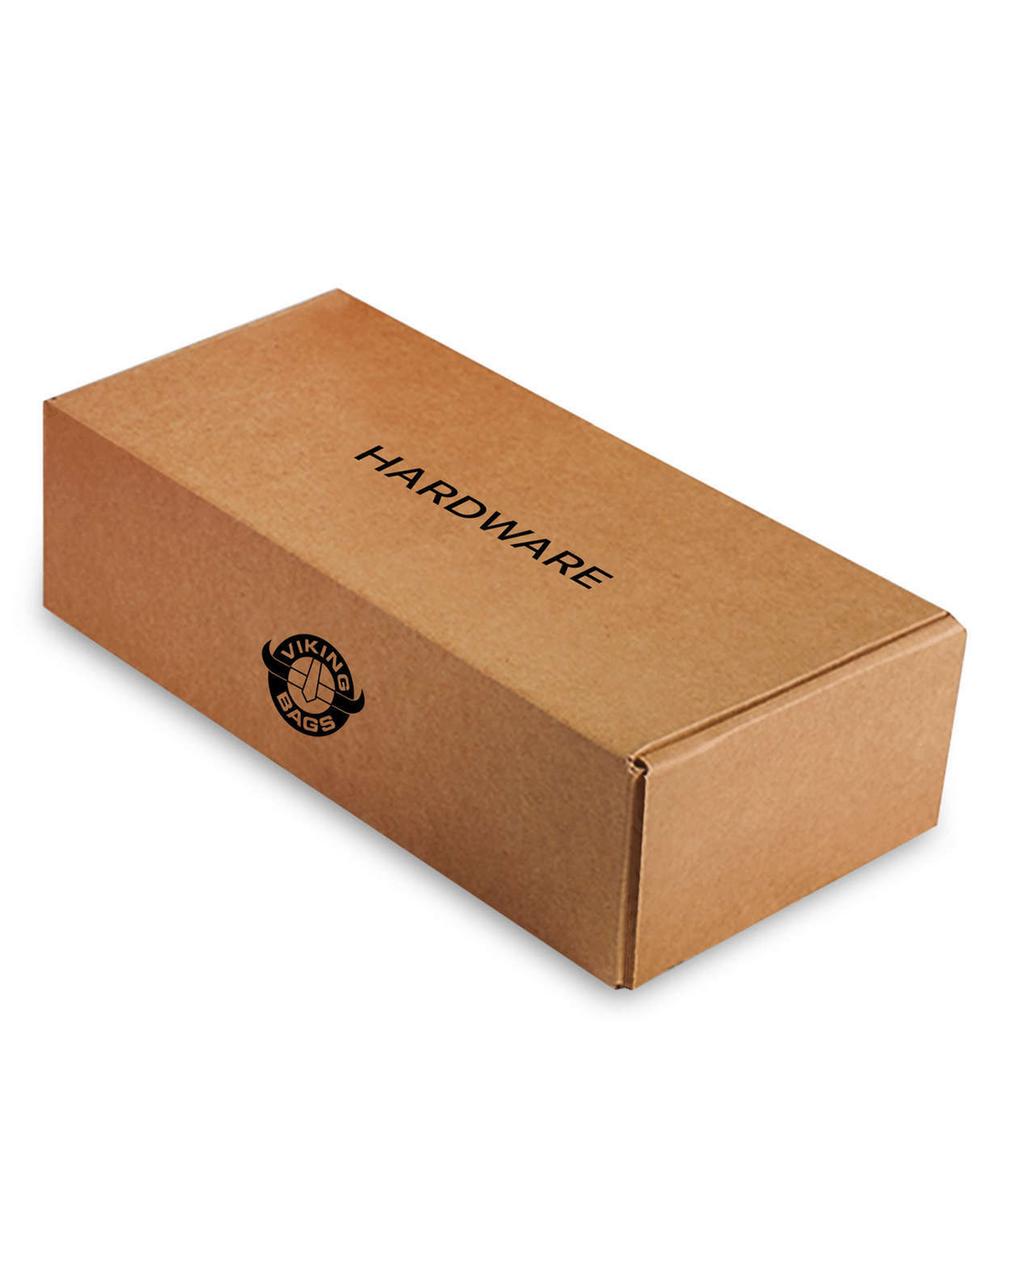 Honda 750 Shadow Aero Viking Lamellar Slanted Leather Covered Motorcycle Hard Saddlebags Box